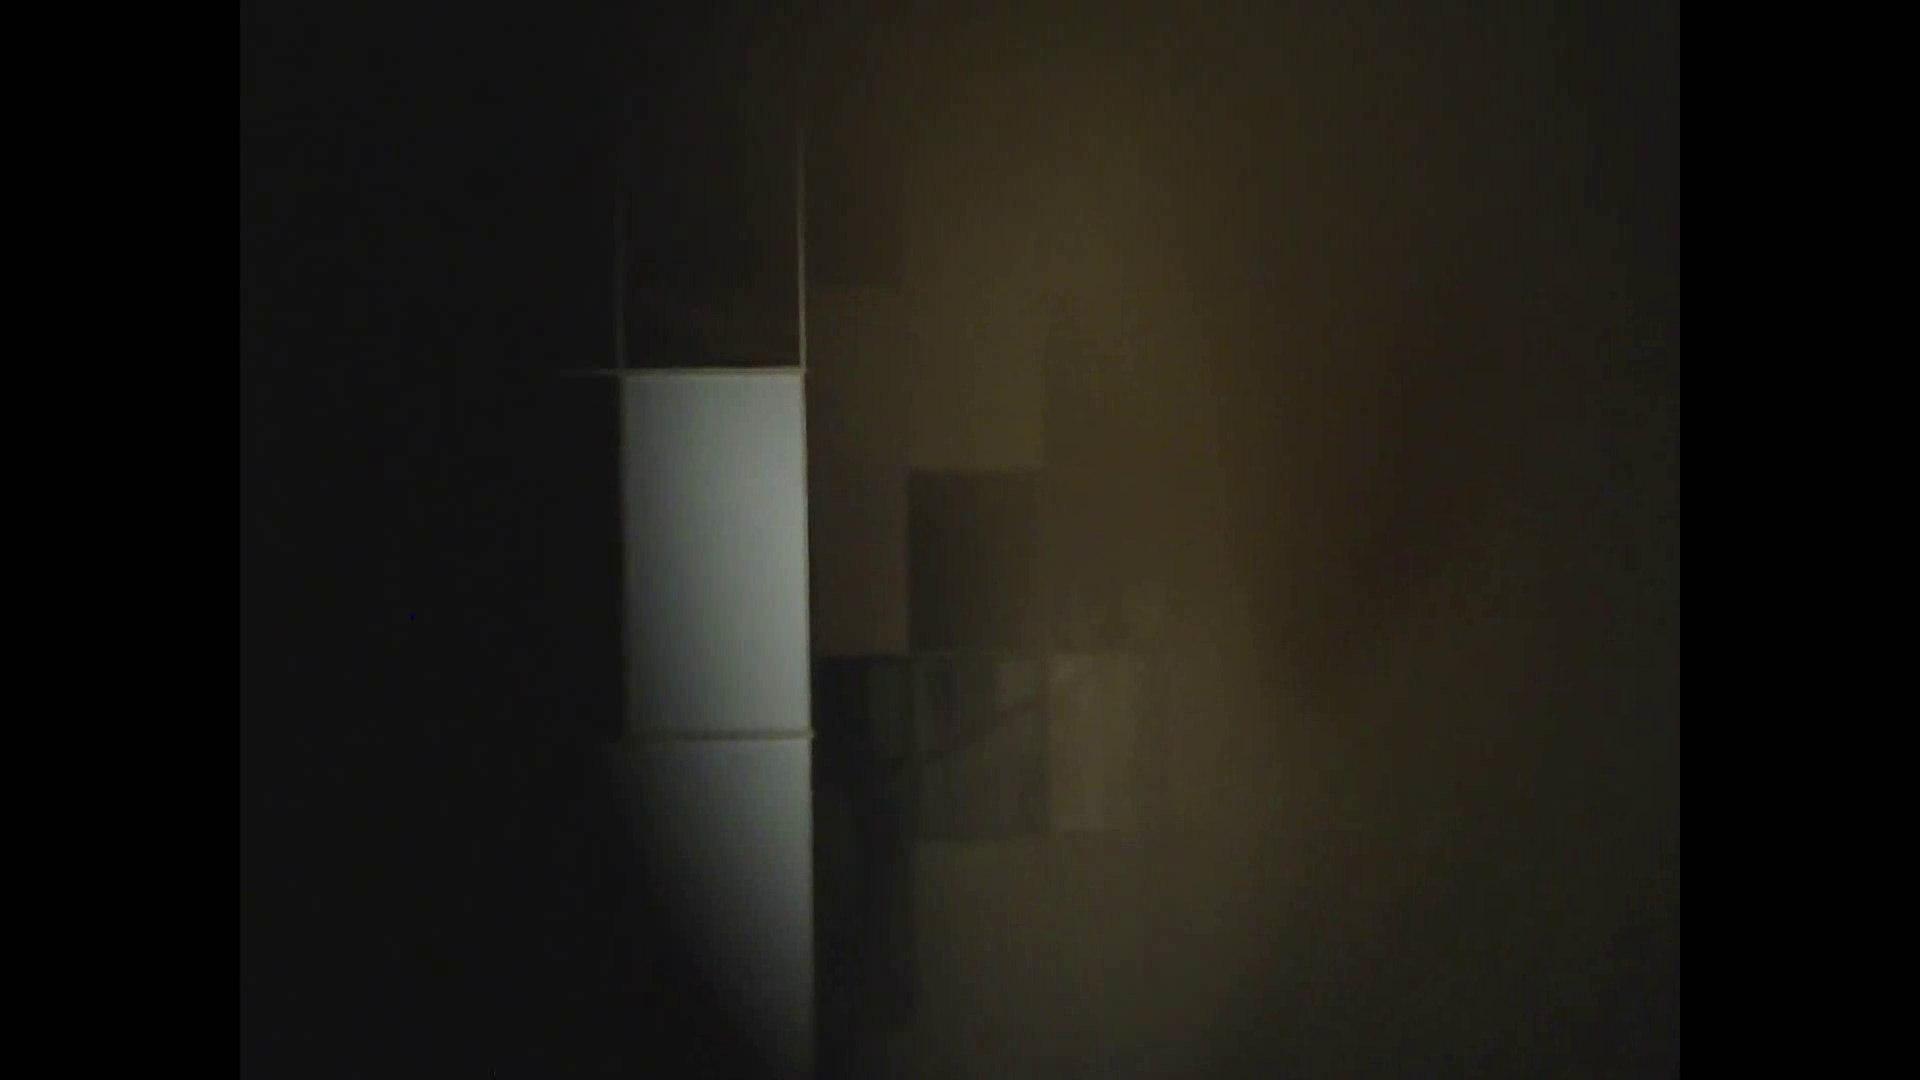 イケメンの素顔in洗面所 Vol.06 イケメンのゲイ達 | 0  109枚 75